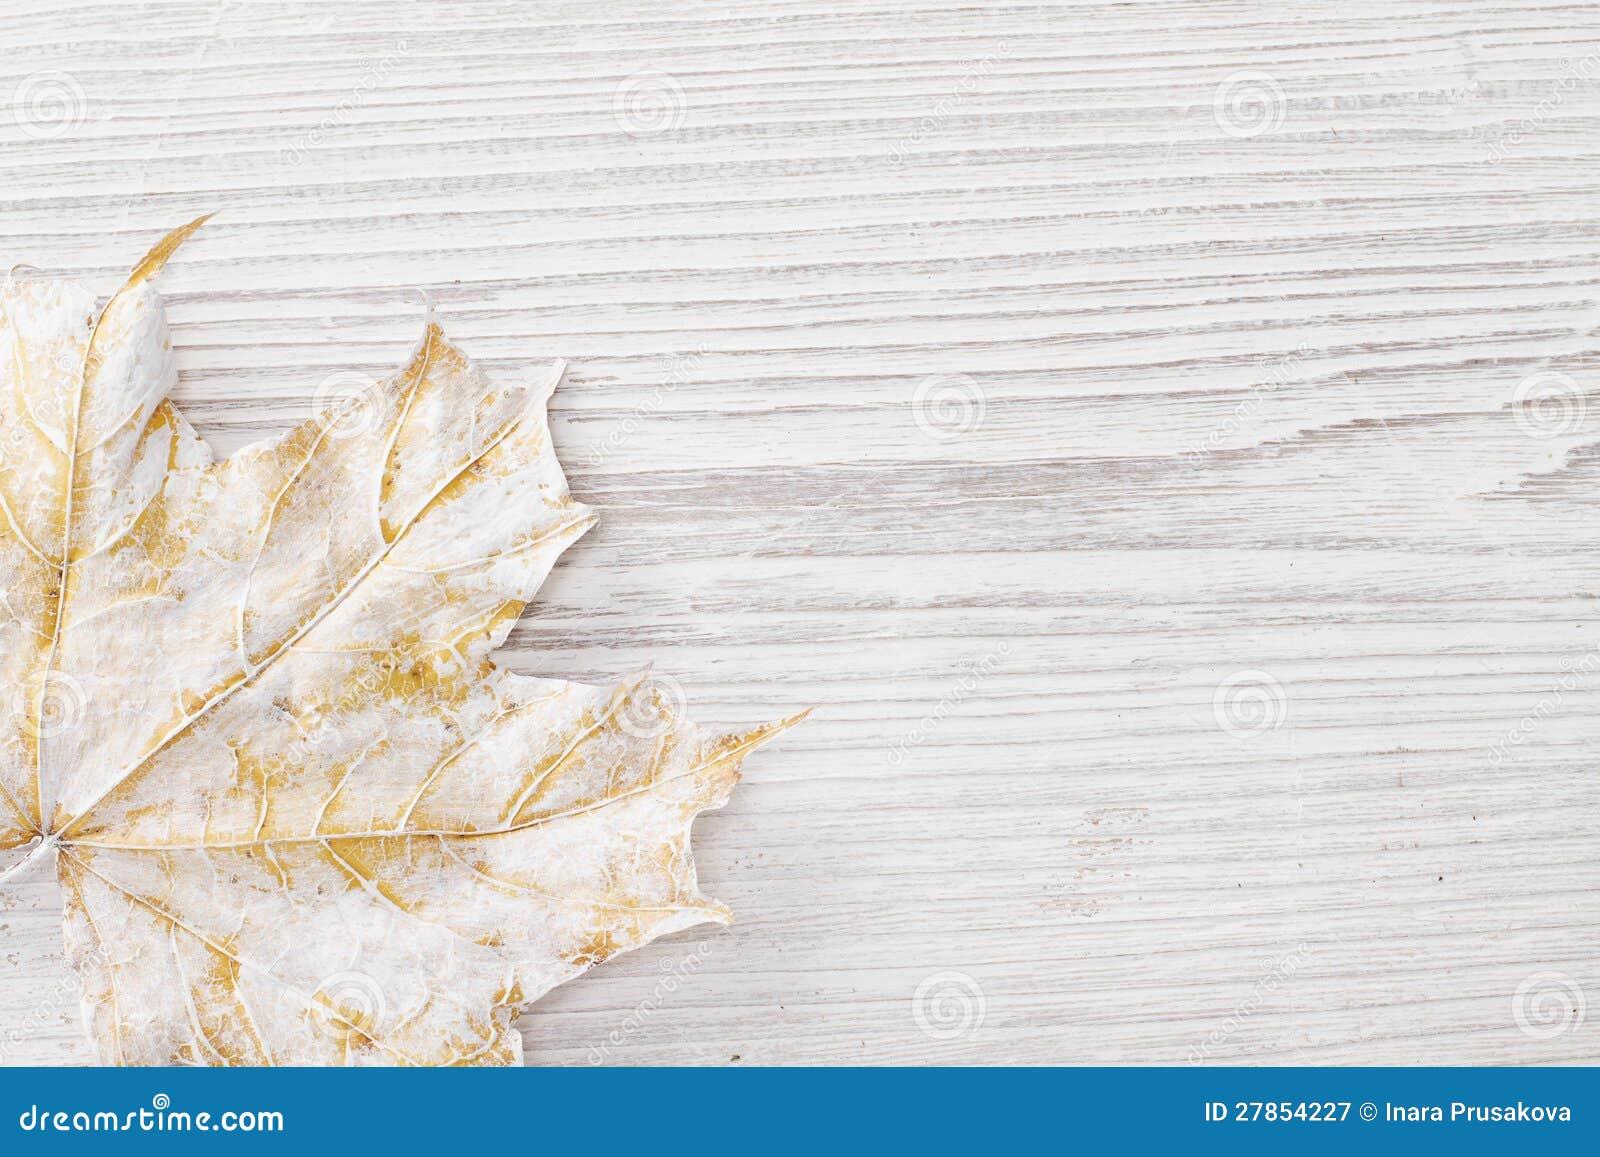 Foglia di acero bianca, priorità bassa di legno